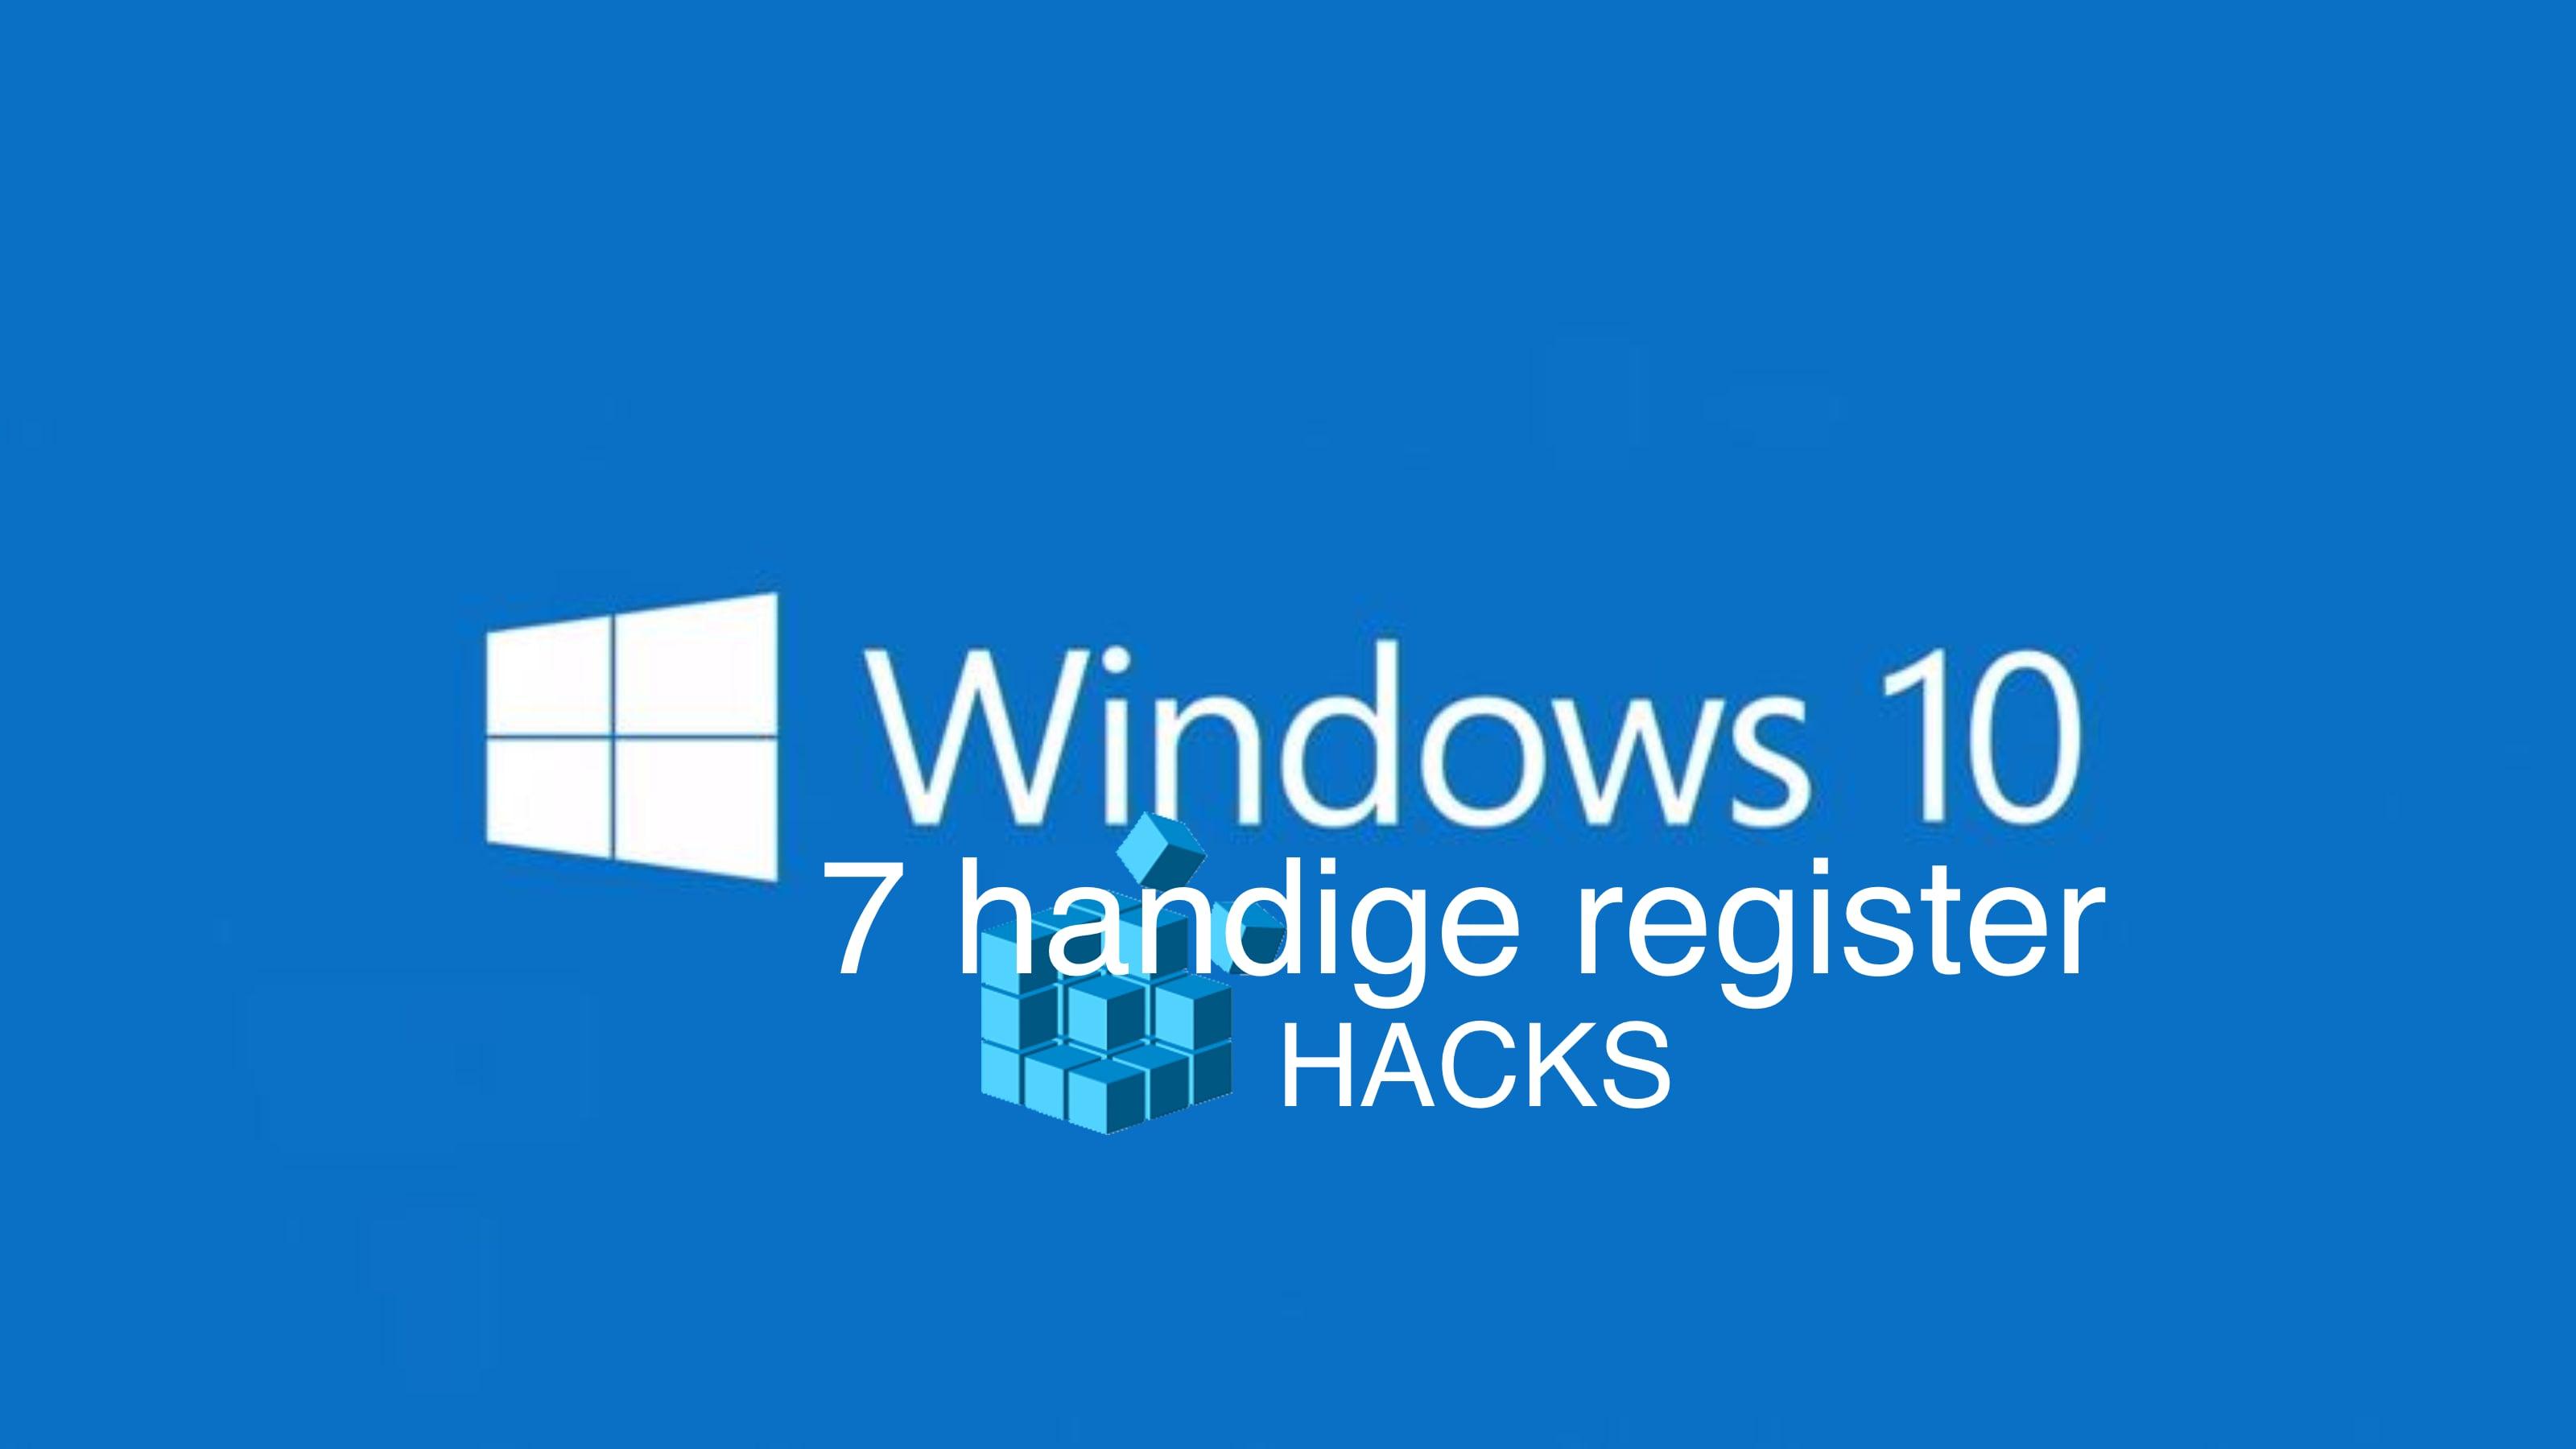 register hacks logo